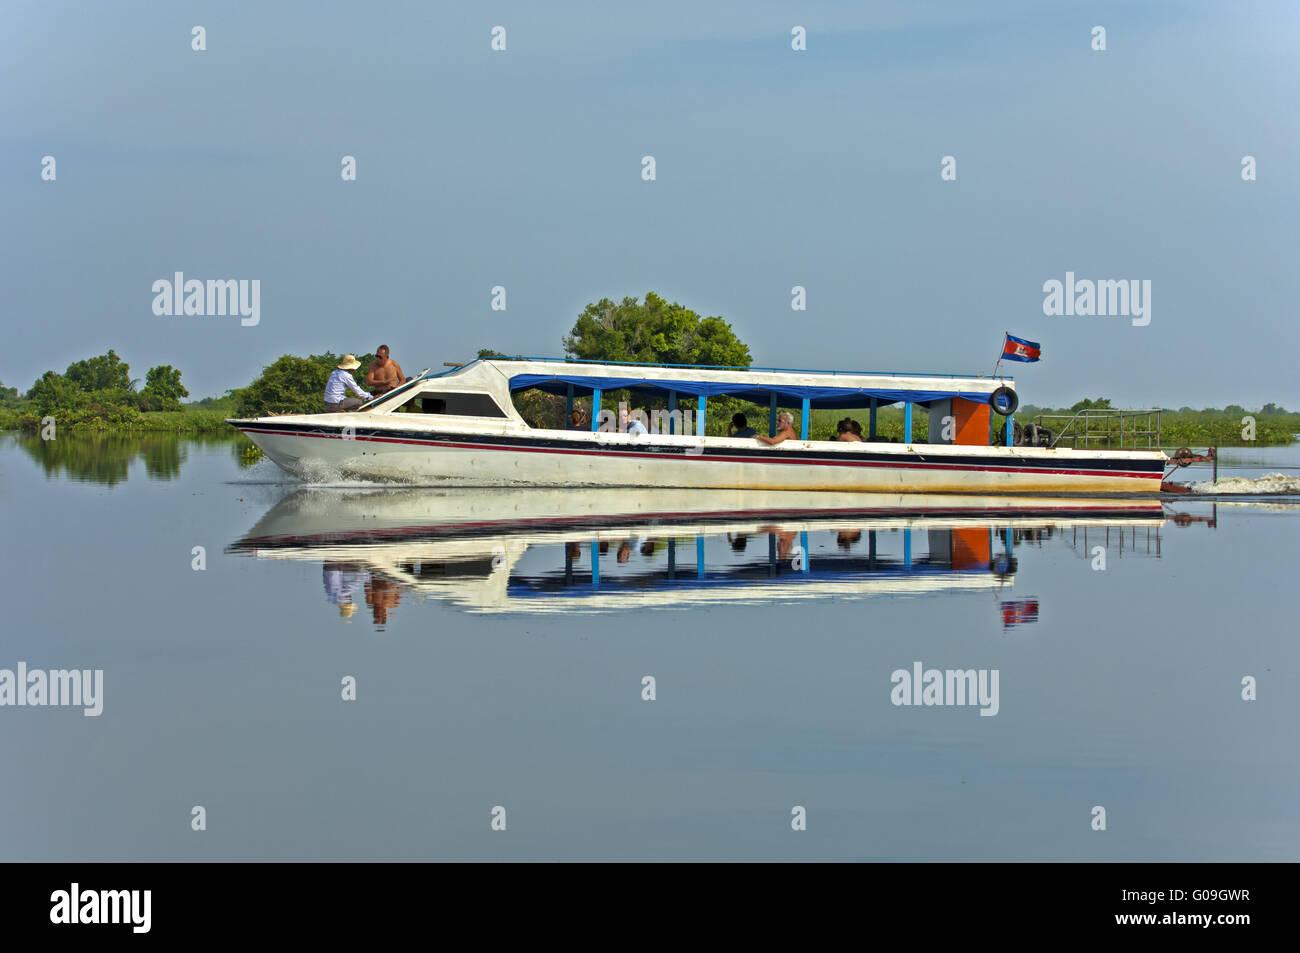 Excursion ship on the Tonle Sap lake, Cambodia Stock Photo